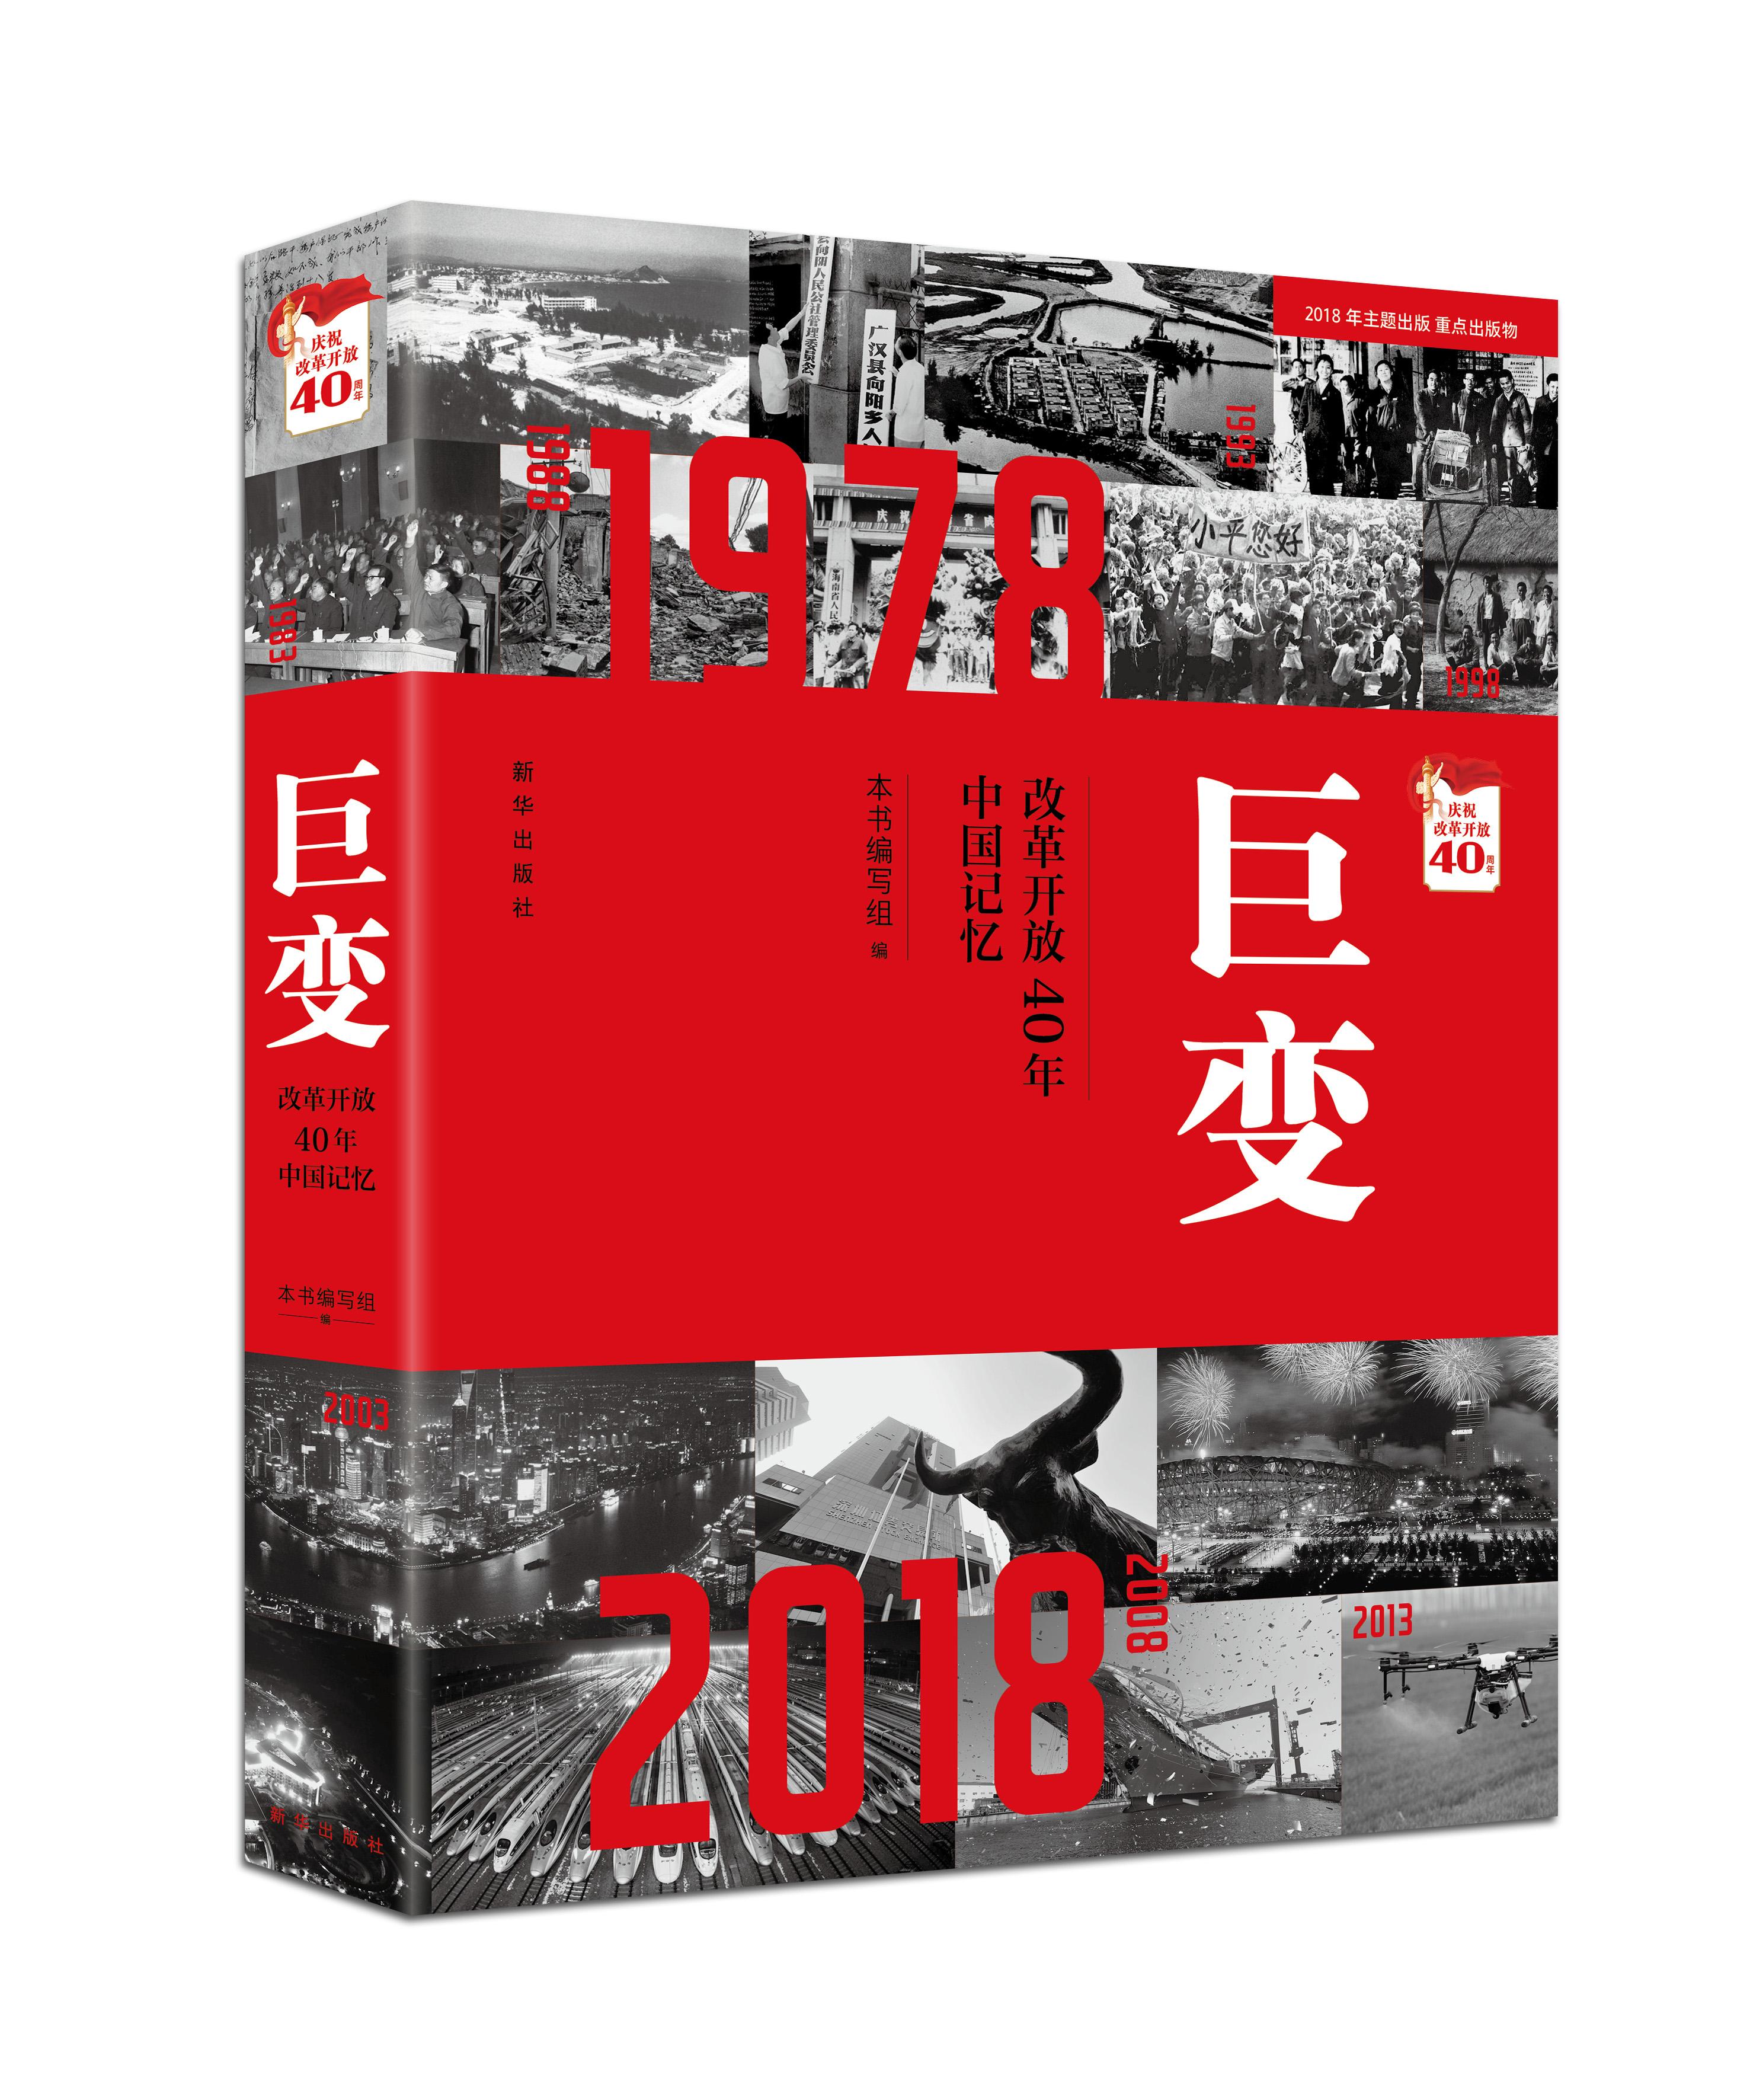 这本书, 生动展示改革开放40年中国城乡的巨大变迁